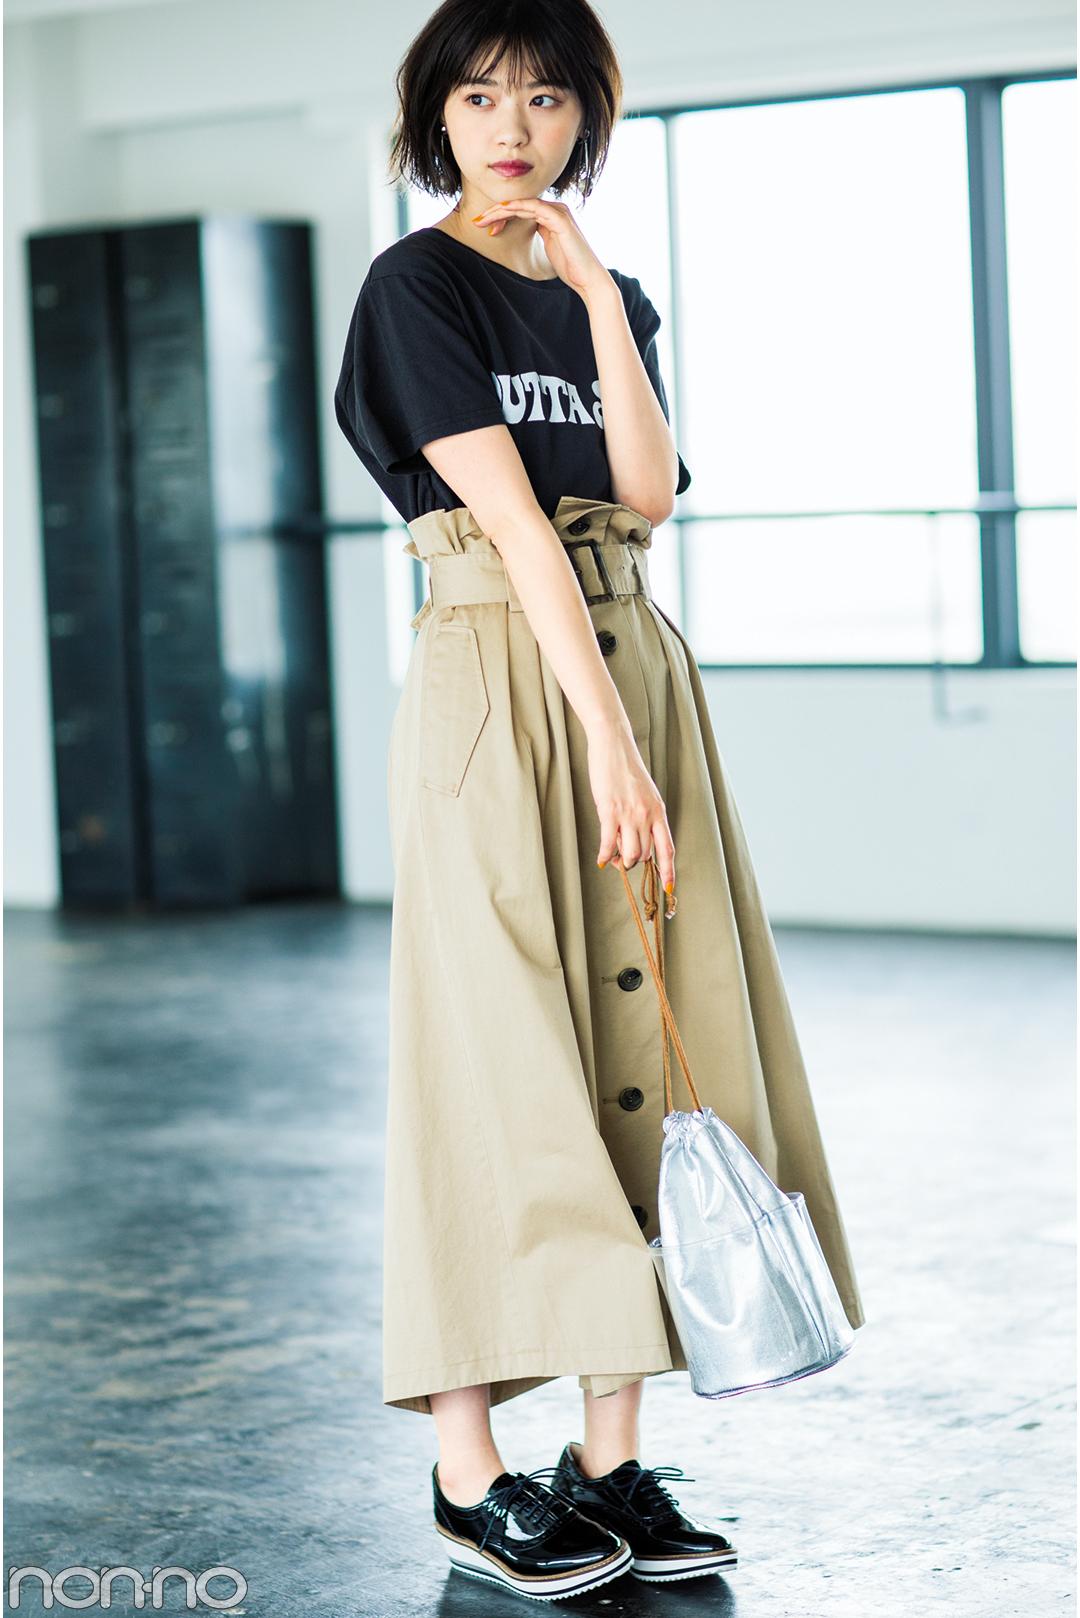 西野七瀬がお手本♡ 夏のロングスカートはカジュアルコーデが可愛い!_1_3-2